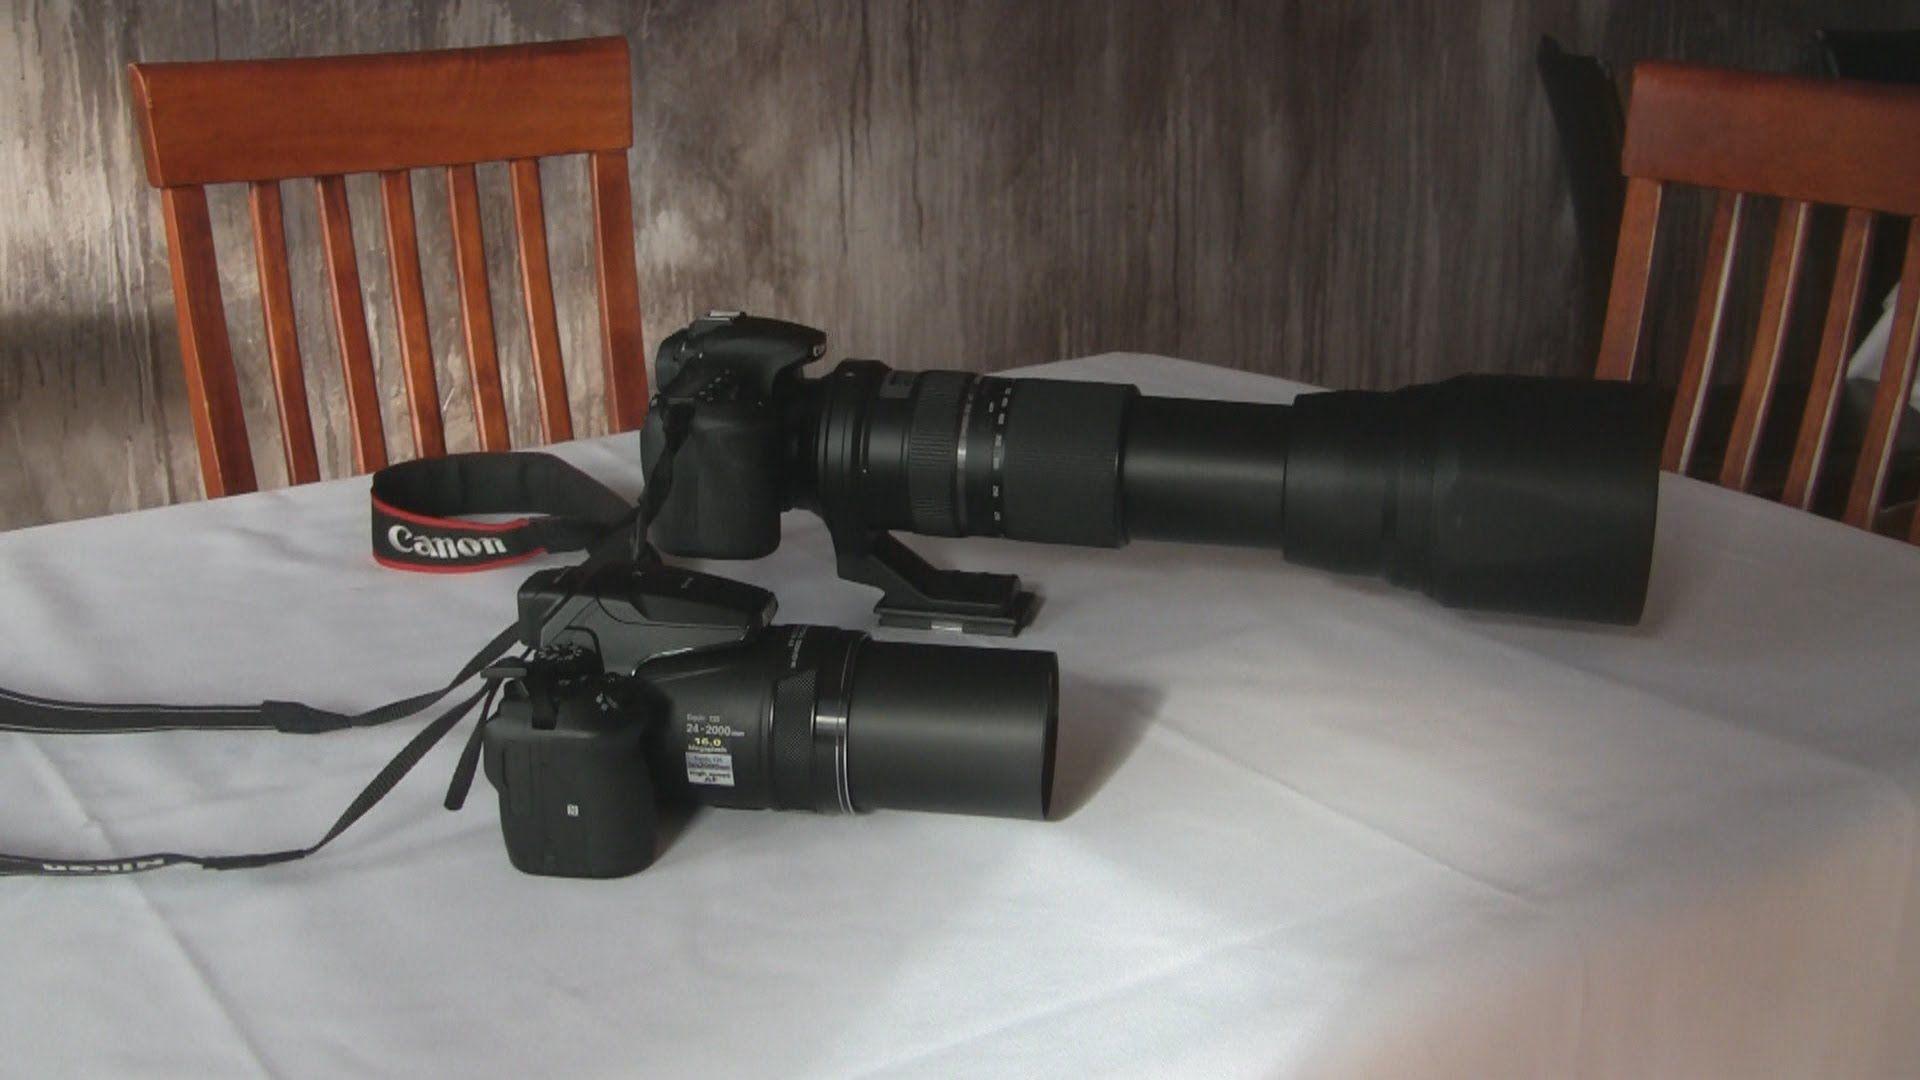 Zoom Test Nikon Coolpix P900 Vs Canon D60 150 600m Coolpix P900 Nikon Coolpix P900 Nikon P900